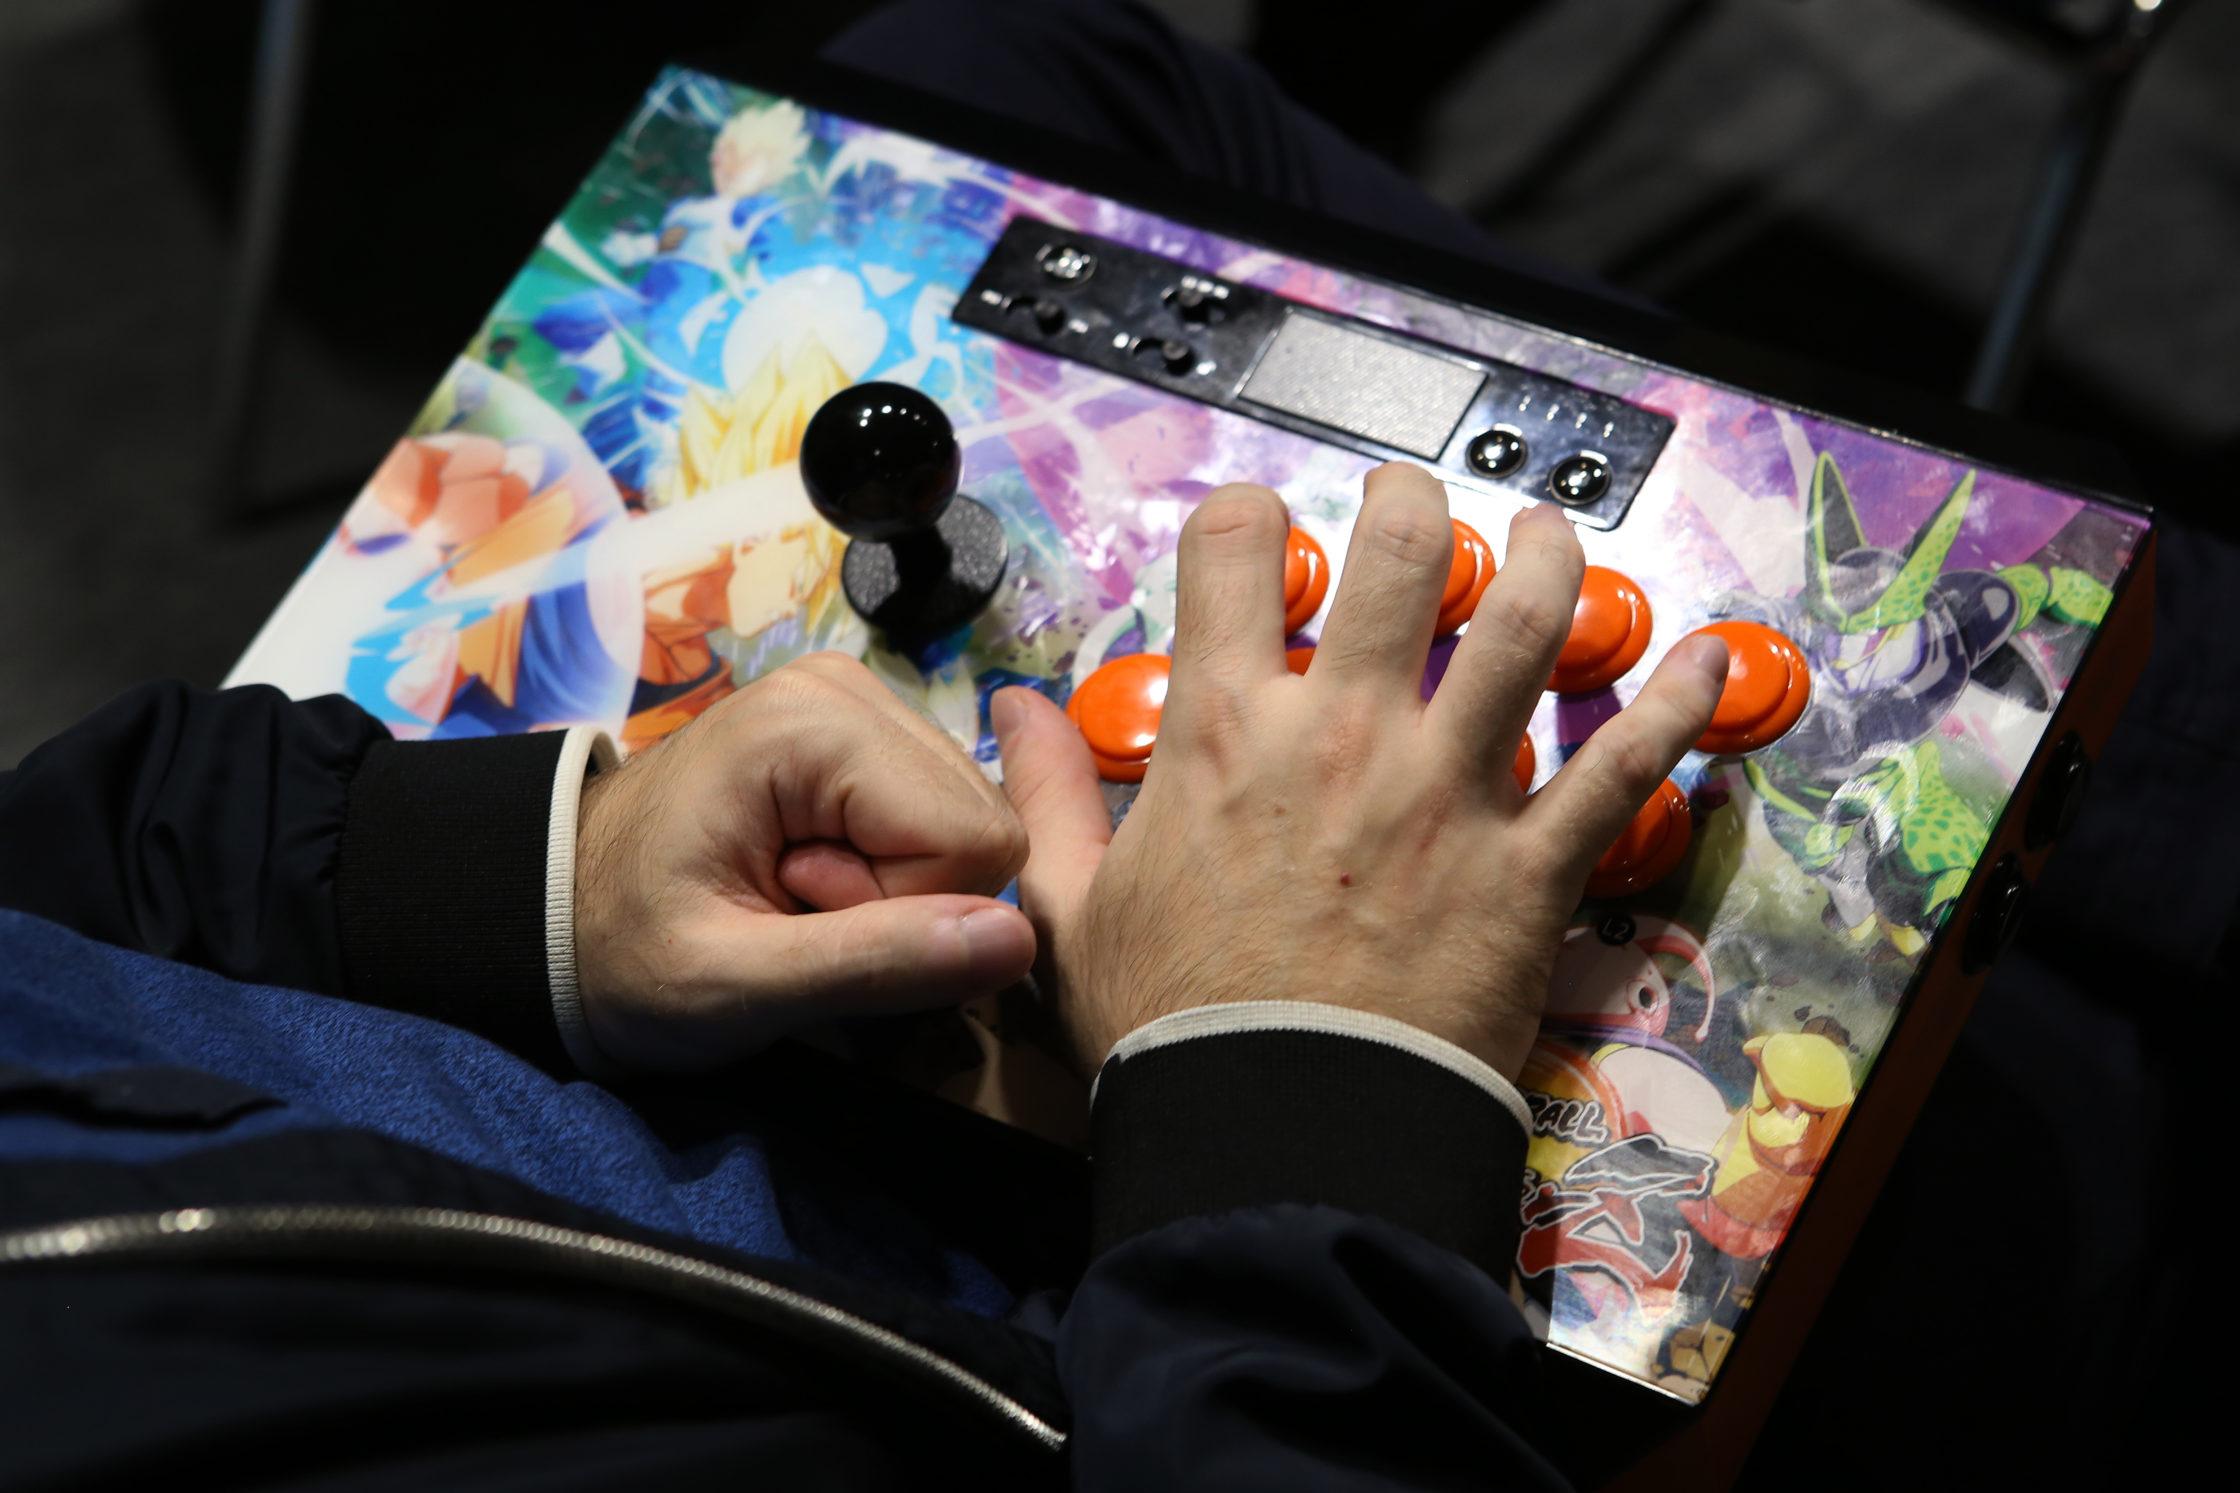 VGE 2019: Closeup of arcade machine